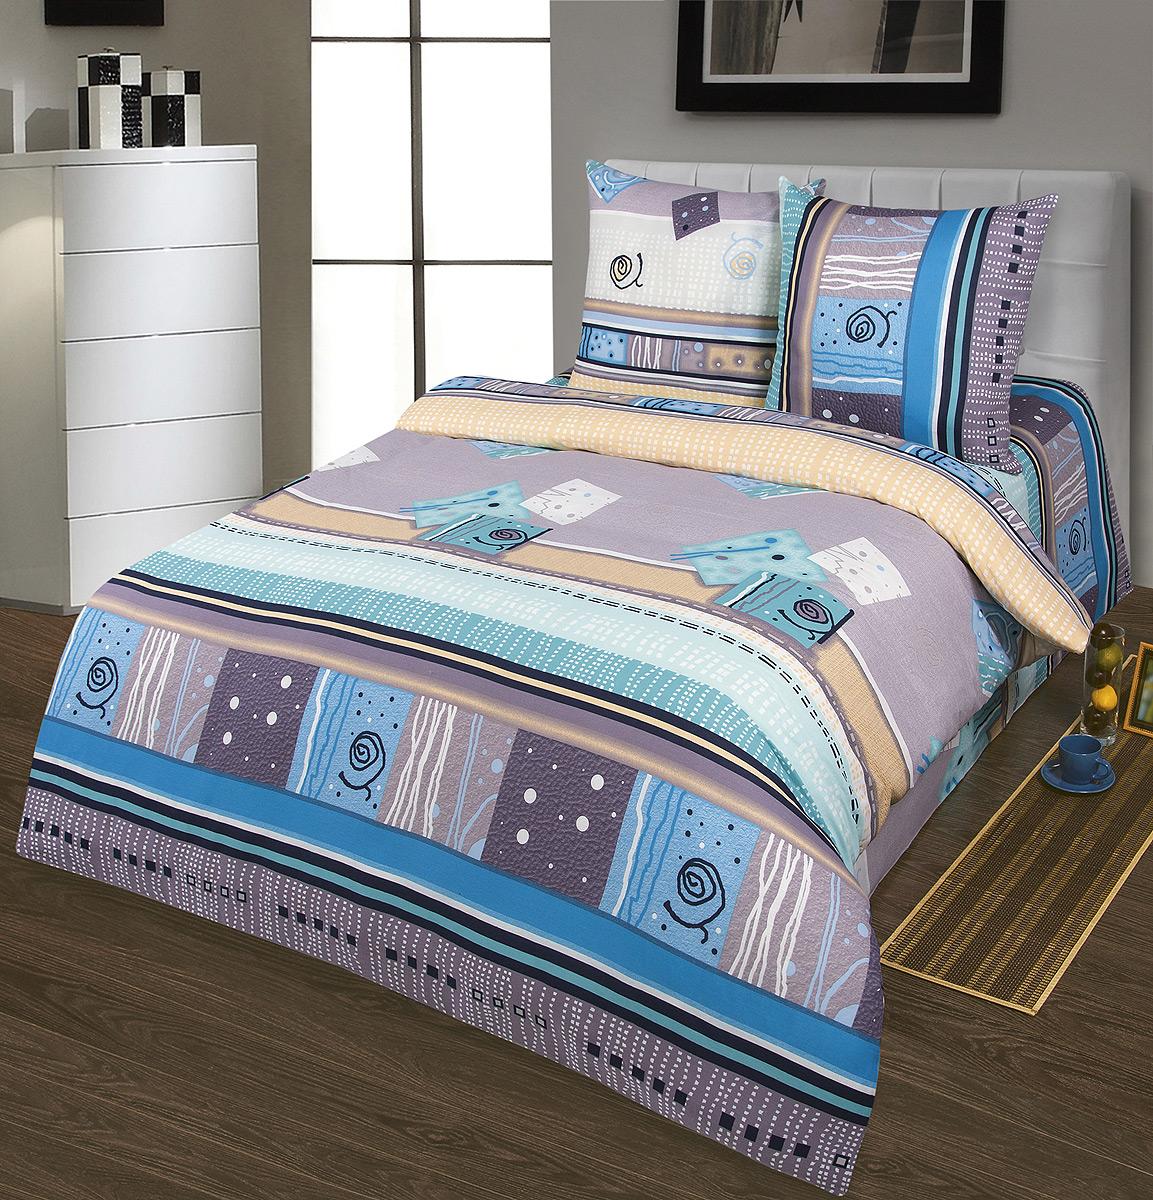 Комплект белья Шоколад Мираж, евро, наволочки 70x70. Б11401-0122-4Комплект постельного белья Шоколад Мираж является экологически безопасным для всей семьи, так как выполнен из натурального хлопка. Комплект состоит из пододеяльника, простыни и двух наволочек. Постельное белье оформлено оригинальным рисунком и имеет изысканный внешний вид.Бязь - это ткань полотняного переплетения, изготовленная из экологически чистого и натурального 100% хлопка. Она прочная, мягкая, обладает низкой сминаемостью, легко стирается и хорошо гладится. Бязь прекрасно пропускает воздух и за ней легко ухаживать. При соблюдении рекомендуемых условий стирки, сушки и глажения ткань имеет усадку по ГОСТу, сохранятся яркость текстильных рисунков. Приобретая комплект постельного белья Шоколад Мираж, вы можете быть уверены в том, что покупка доставит вам и вашим близким удовольствие иподарит максимальный комфорт.